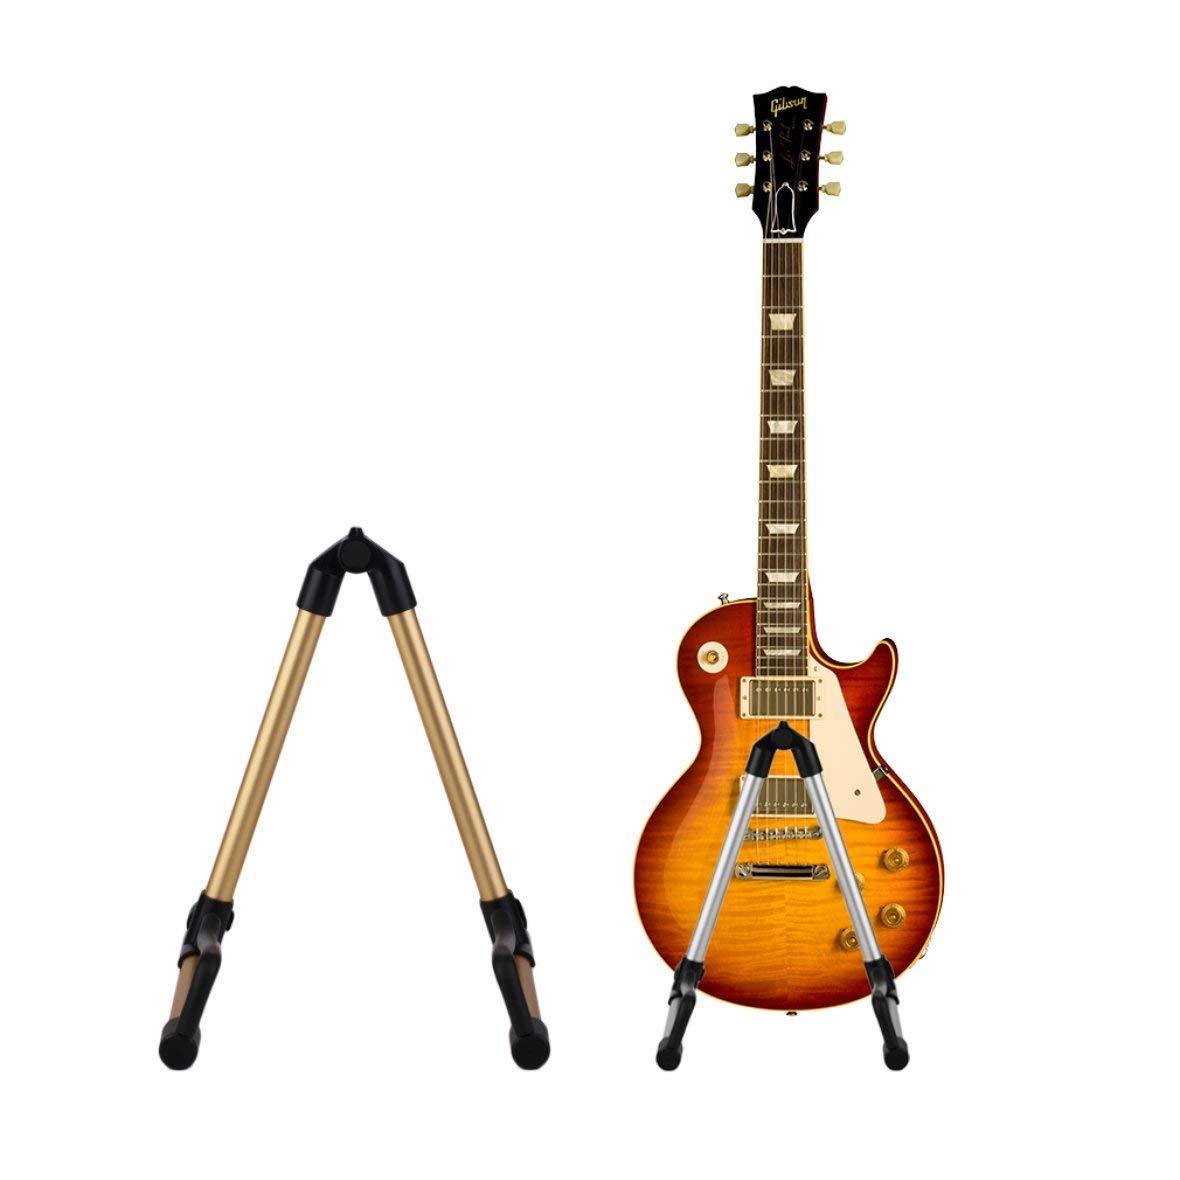 Heaviesk SK20 Alloy Gitarrenst/änder Universal Klappbar F/ür Akustische E-Gitarren Gitarrenst/änder Halter Ausgezeichnet